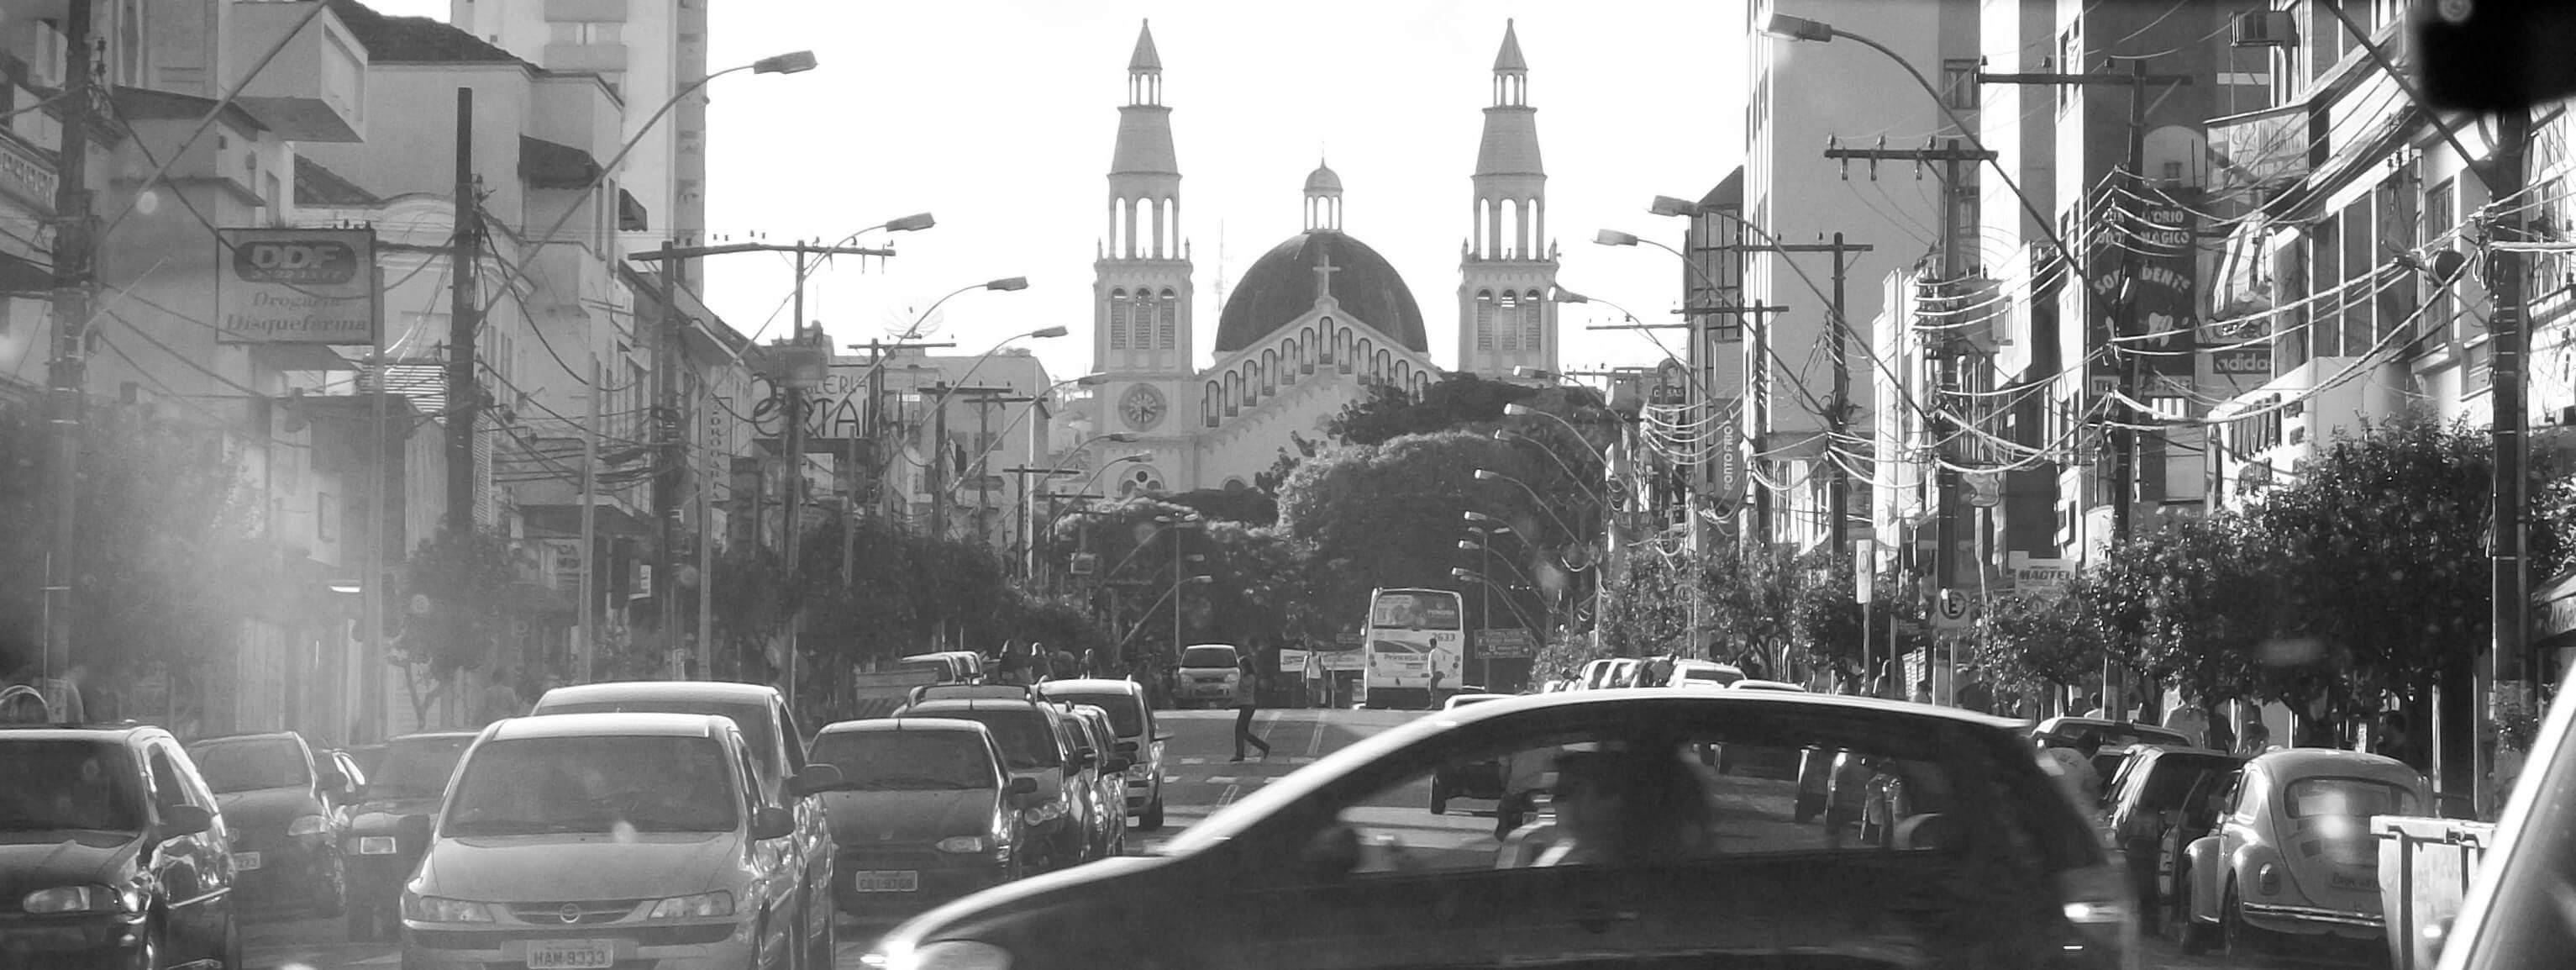 Dirigir em Pouso Alegre esta cada dia mais complicado. Foto: Arquivo / Movimento Urbano